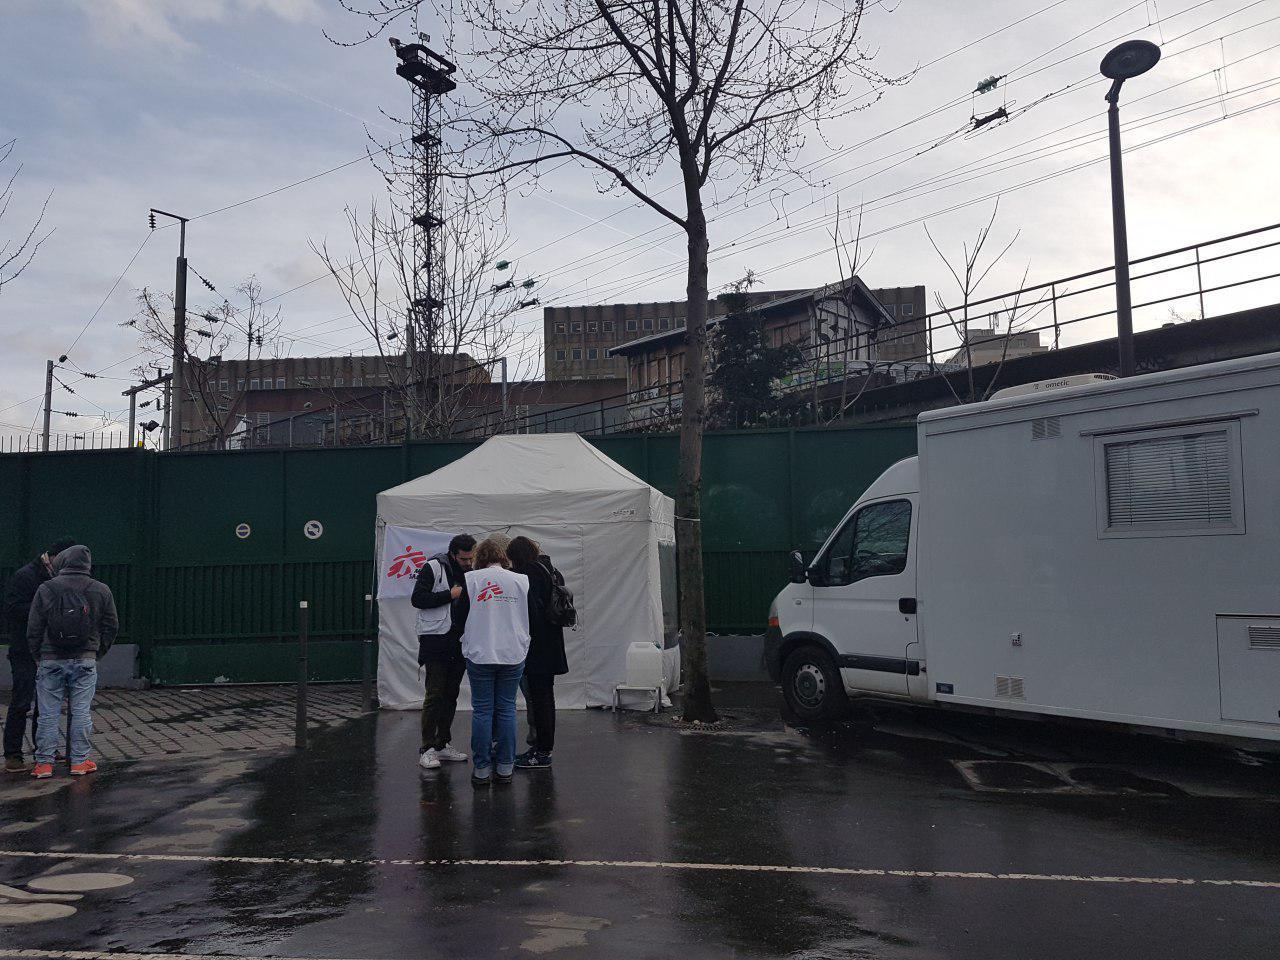 پناهندگی در فرانسه 2017 فرانسه، سرزمین پناهندگی؟